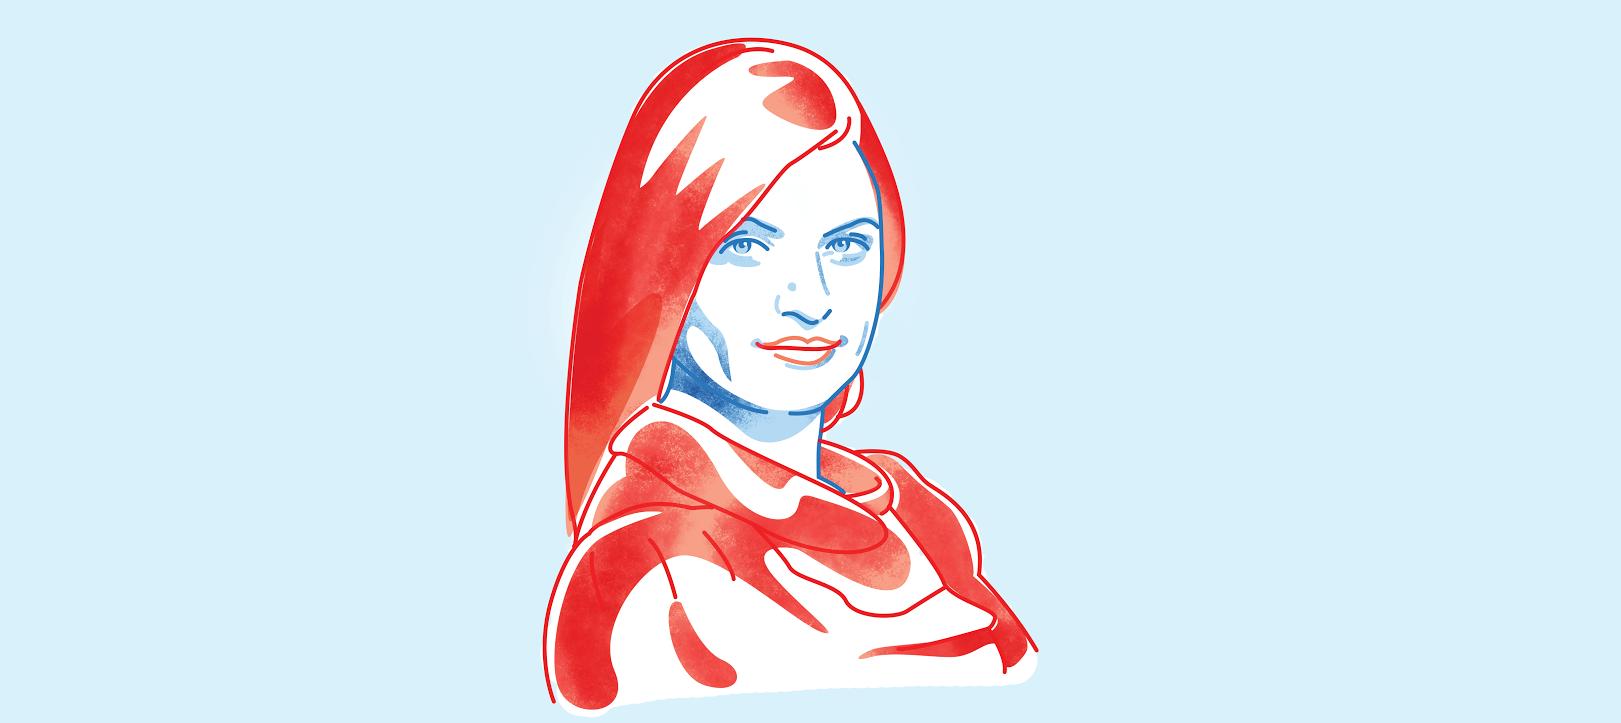 Наталья Емченко: «Как быть больше, используя и потребляя меньше?»